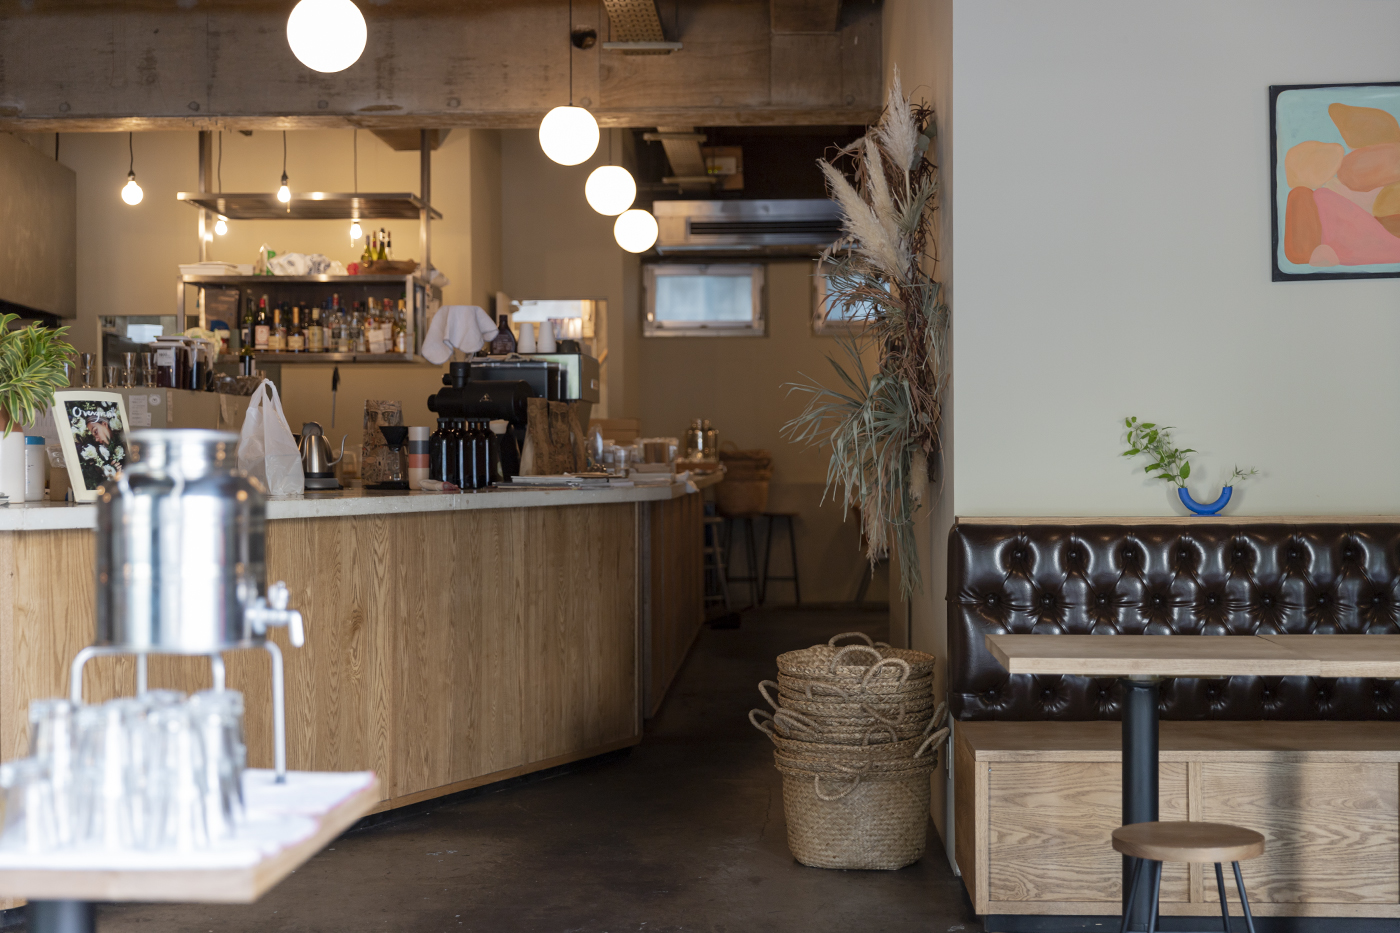 仙台のカフェ「HEY」の入り口から見た店内の様子。奥行きがあり左手にはオープンキッチン、奥には大きなテーブル席がある